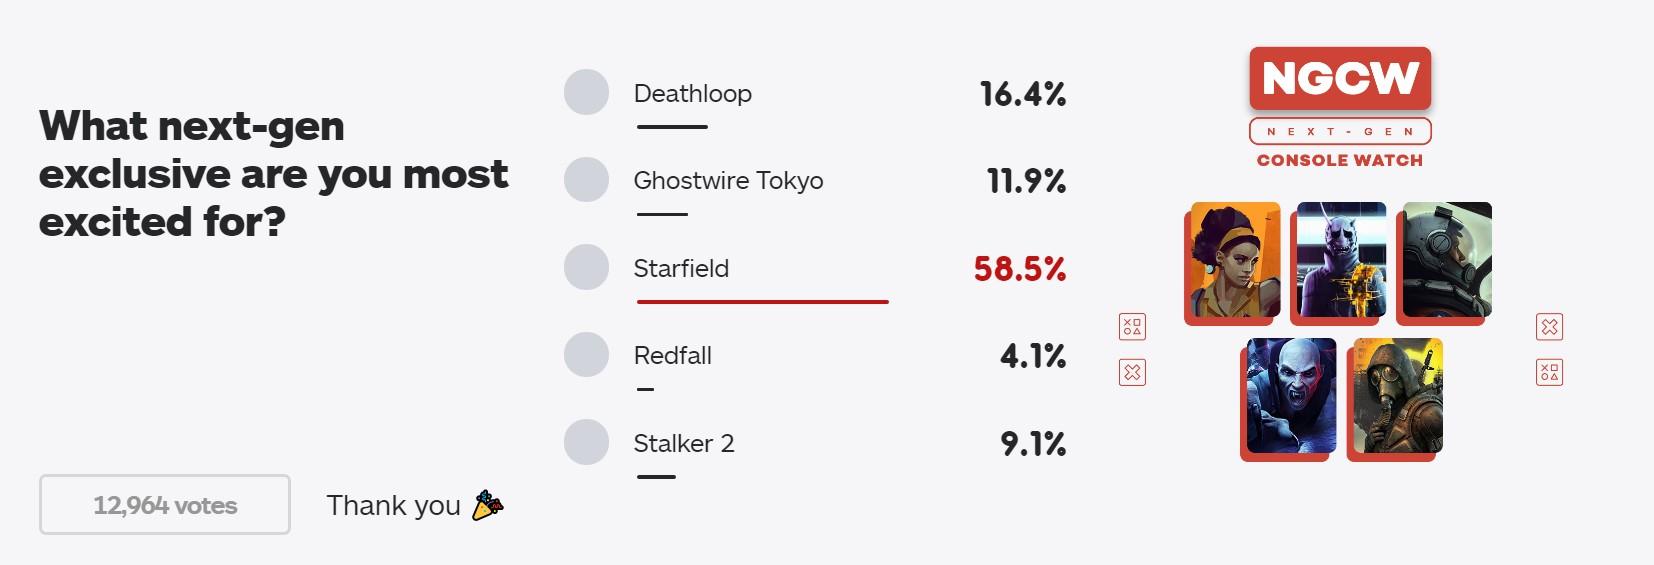 IGN次世代独占最期待游戏榜:《星空》一骑绝尘获近六成票数